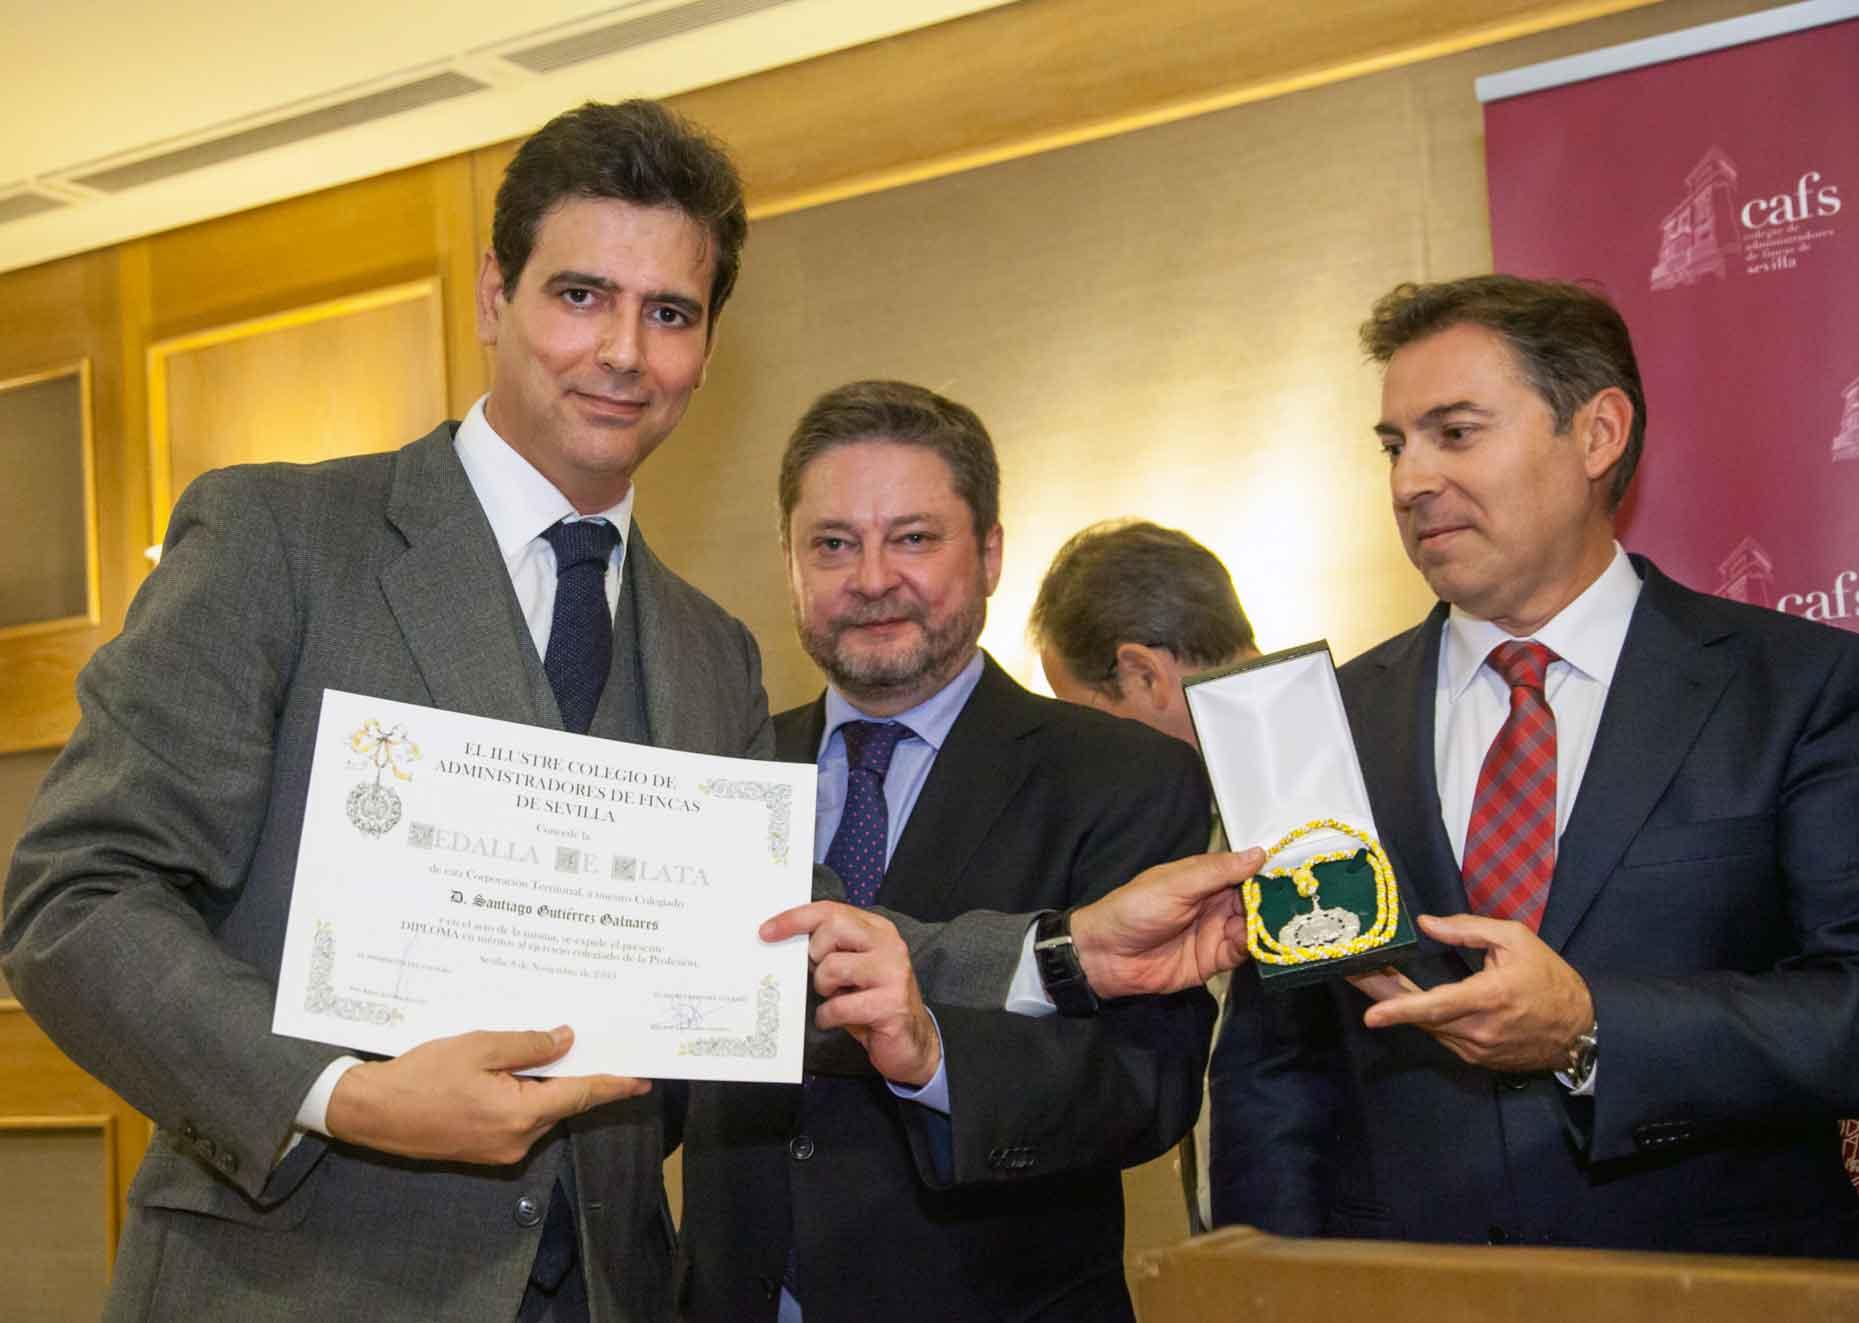 santiago-gutierrez-galnares-medalla-honor